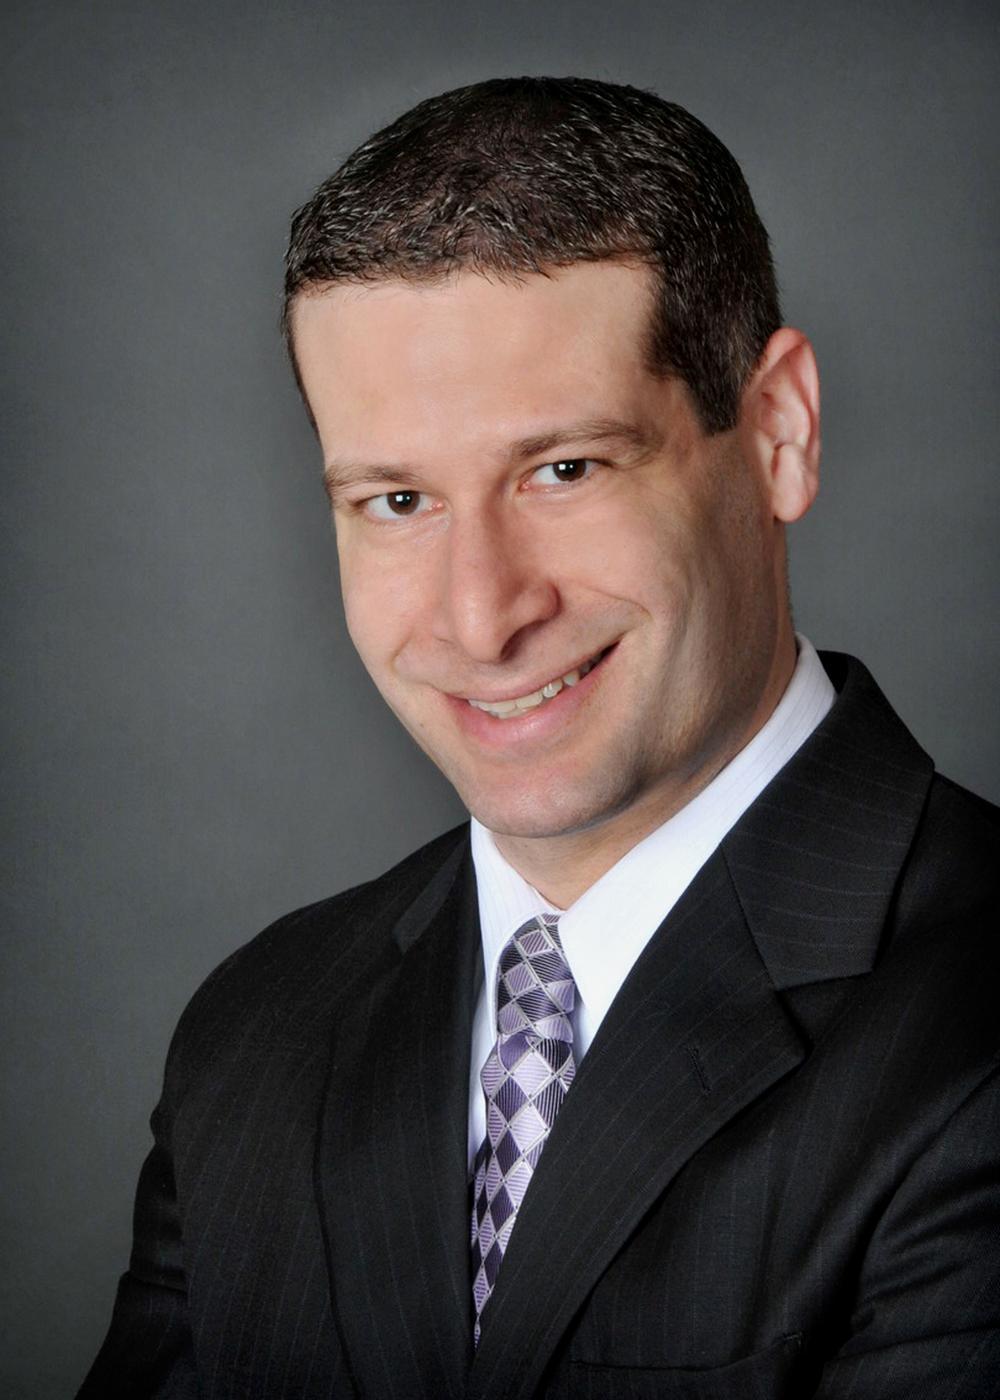 Alexander J. Gross, CPA/PFS, CFP®, AEP® Photo